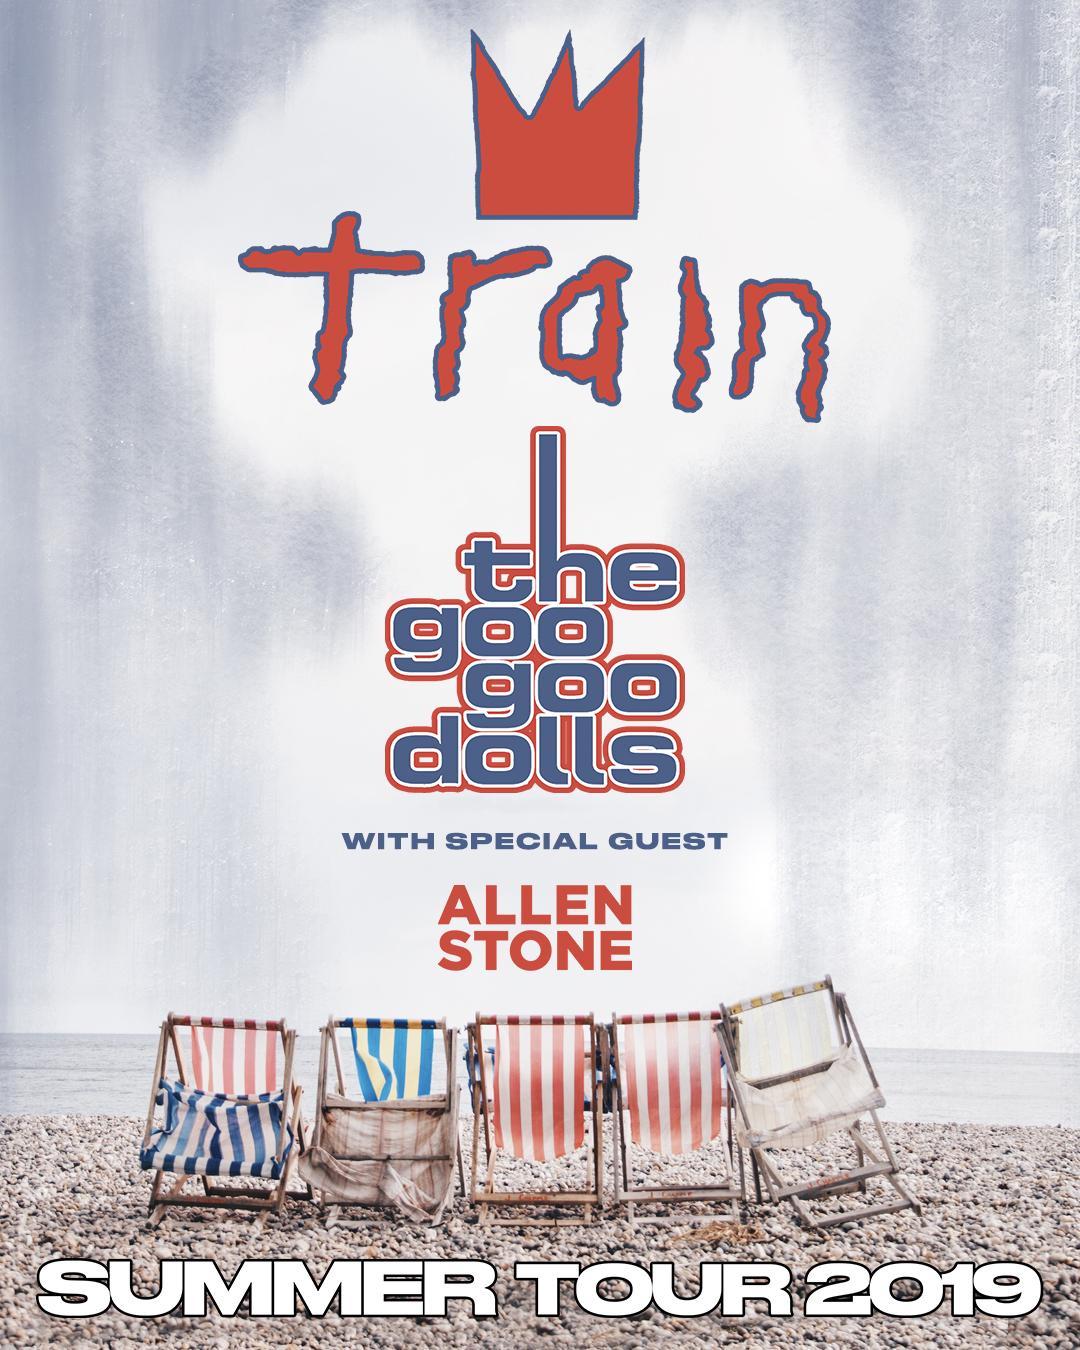 Train_GooGooDolls_2019_AS_COL2a - instagram.jpg